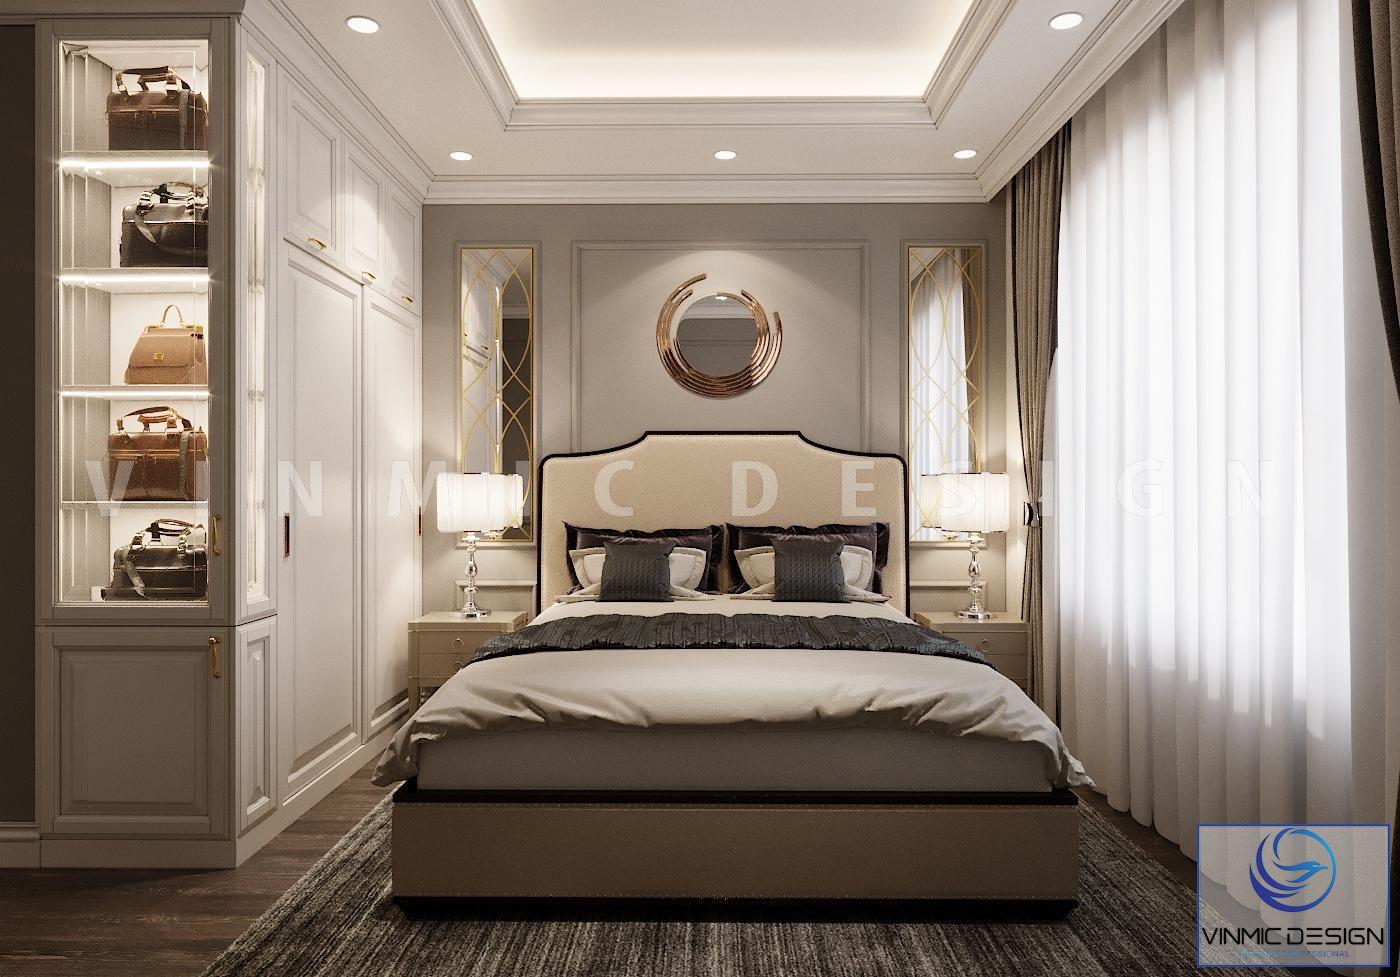 Thiết kế nội thất phòng ngủ master phong cách tân cổ điển đầy sang trọng